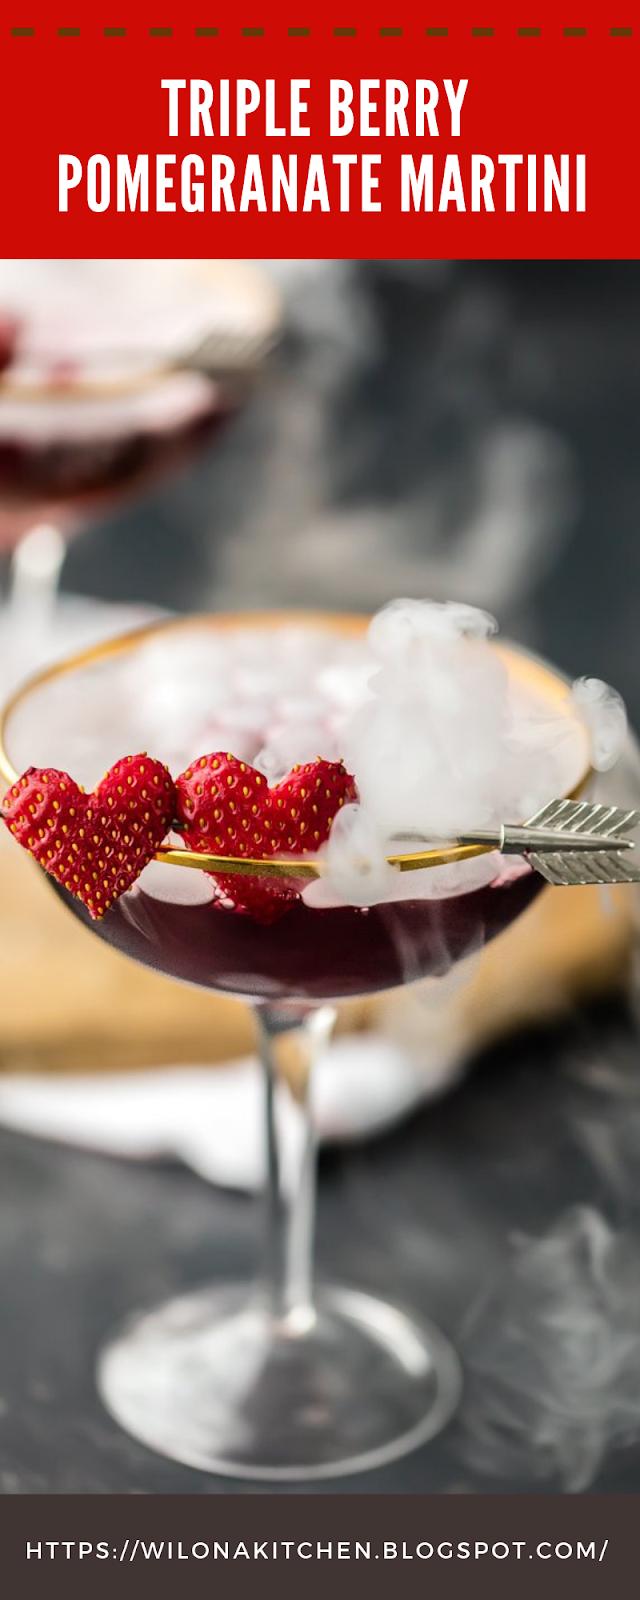 Triple Berry Pomegranate Martini